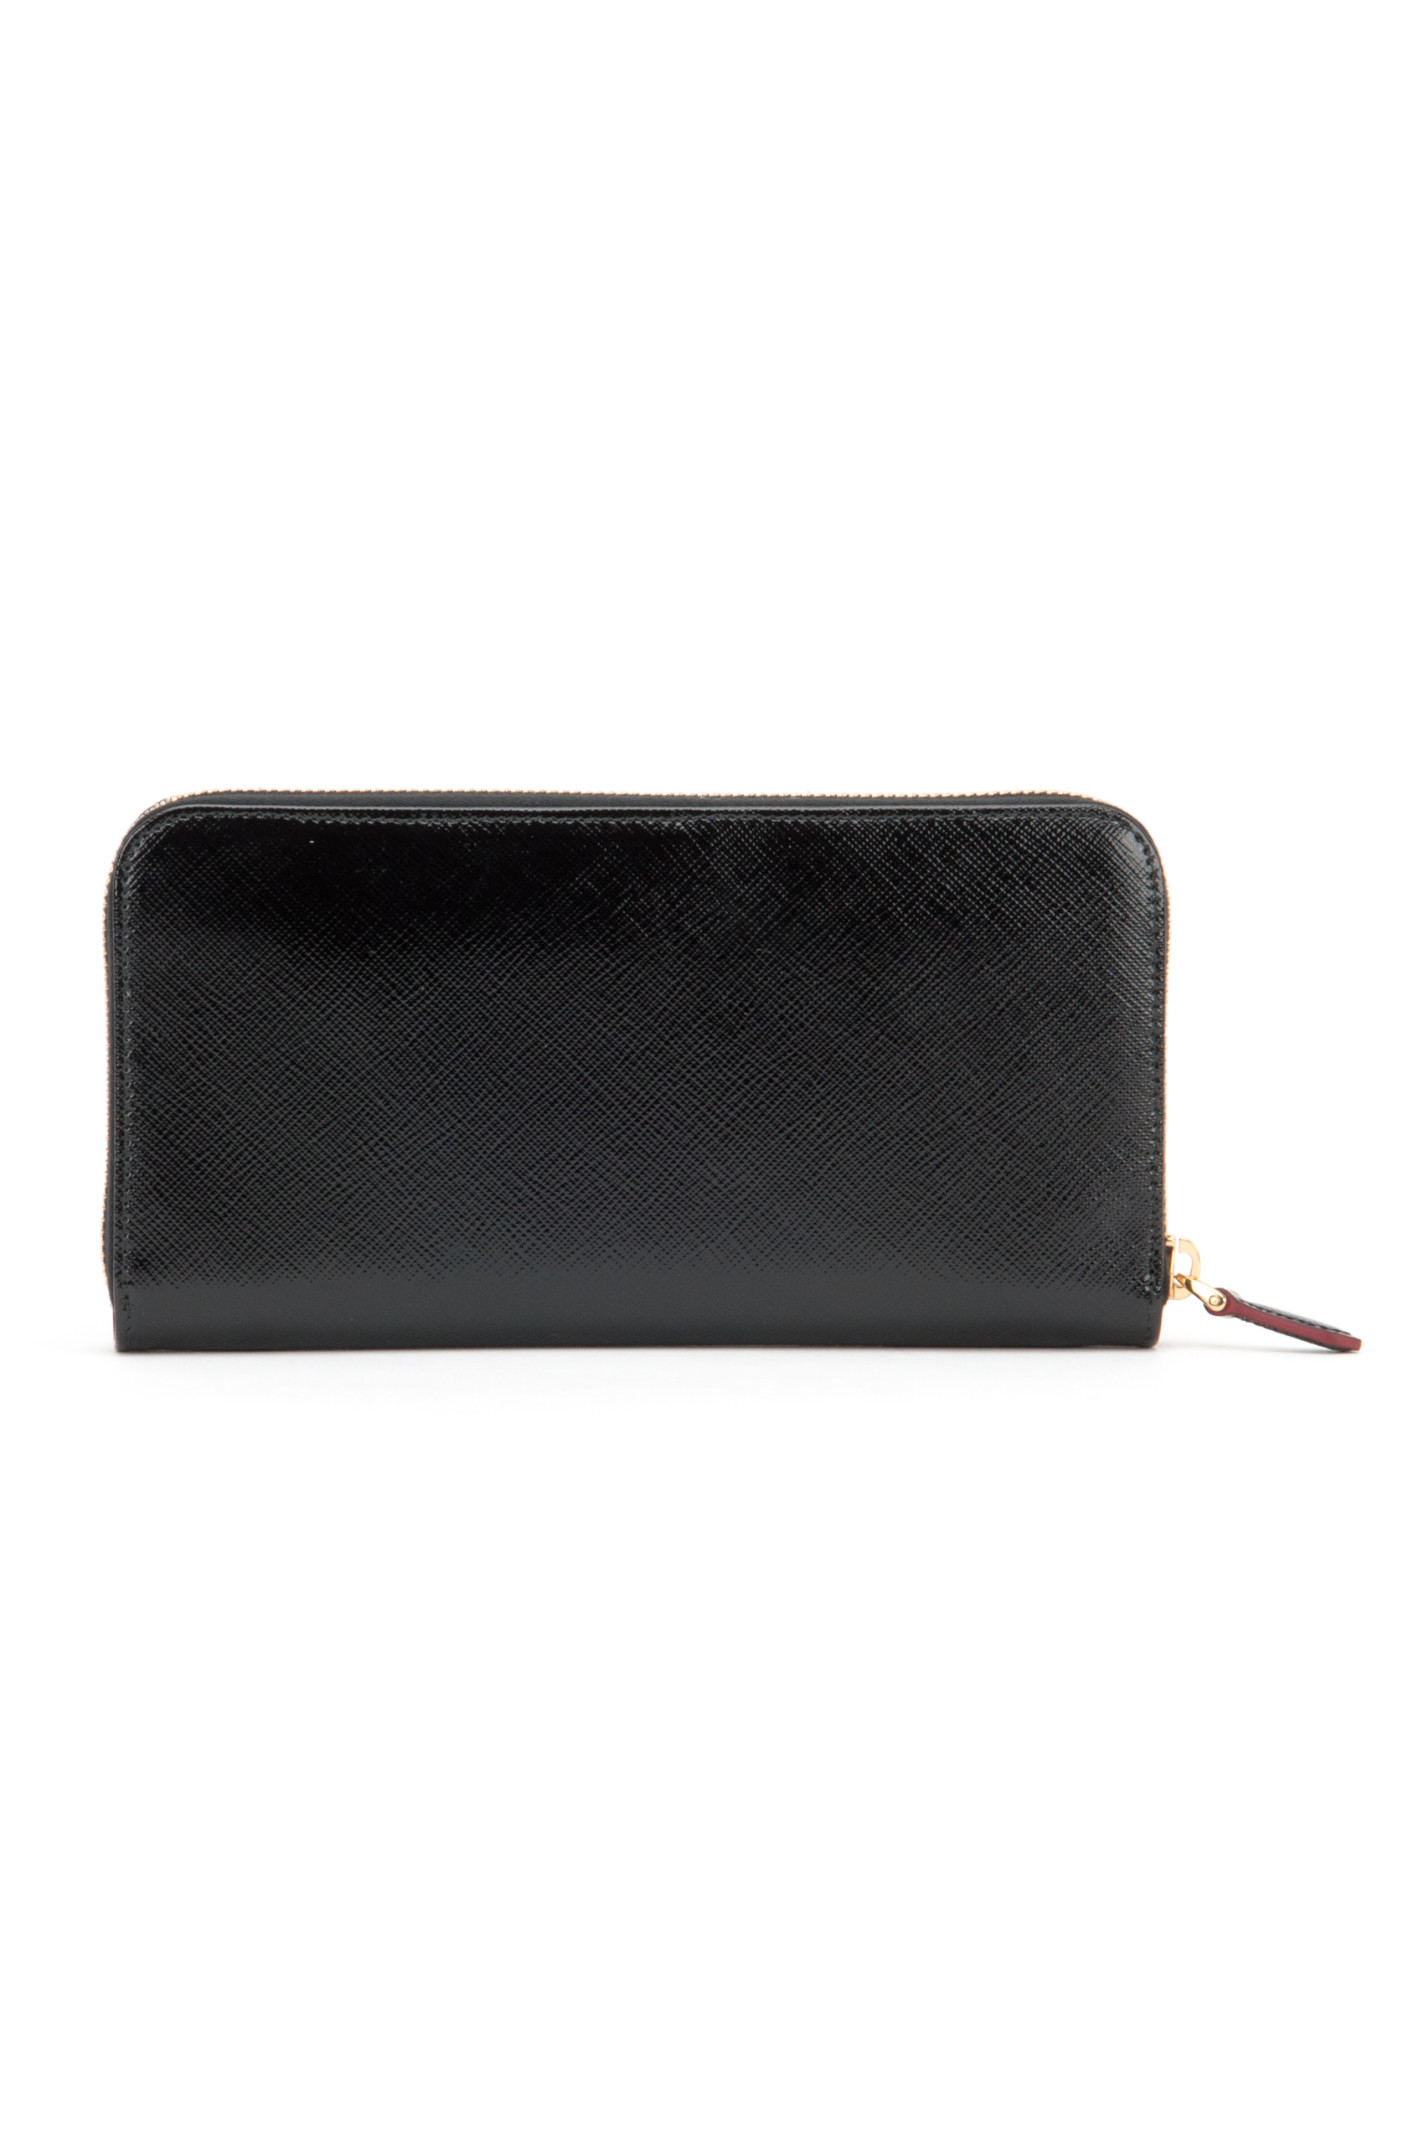 Prada Patent Saffiano Wallet in Black (NERO R) | Lyst